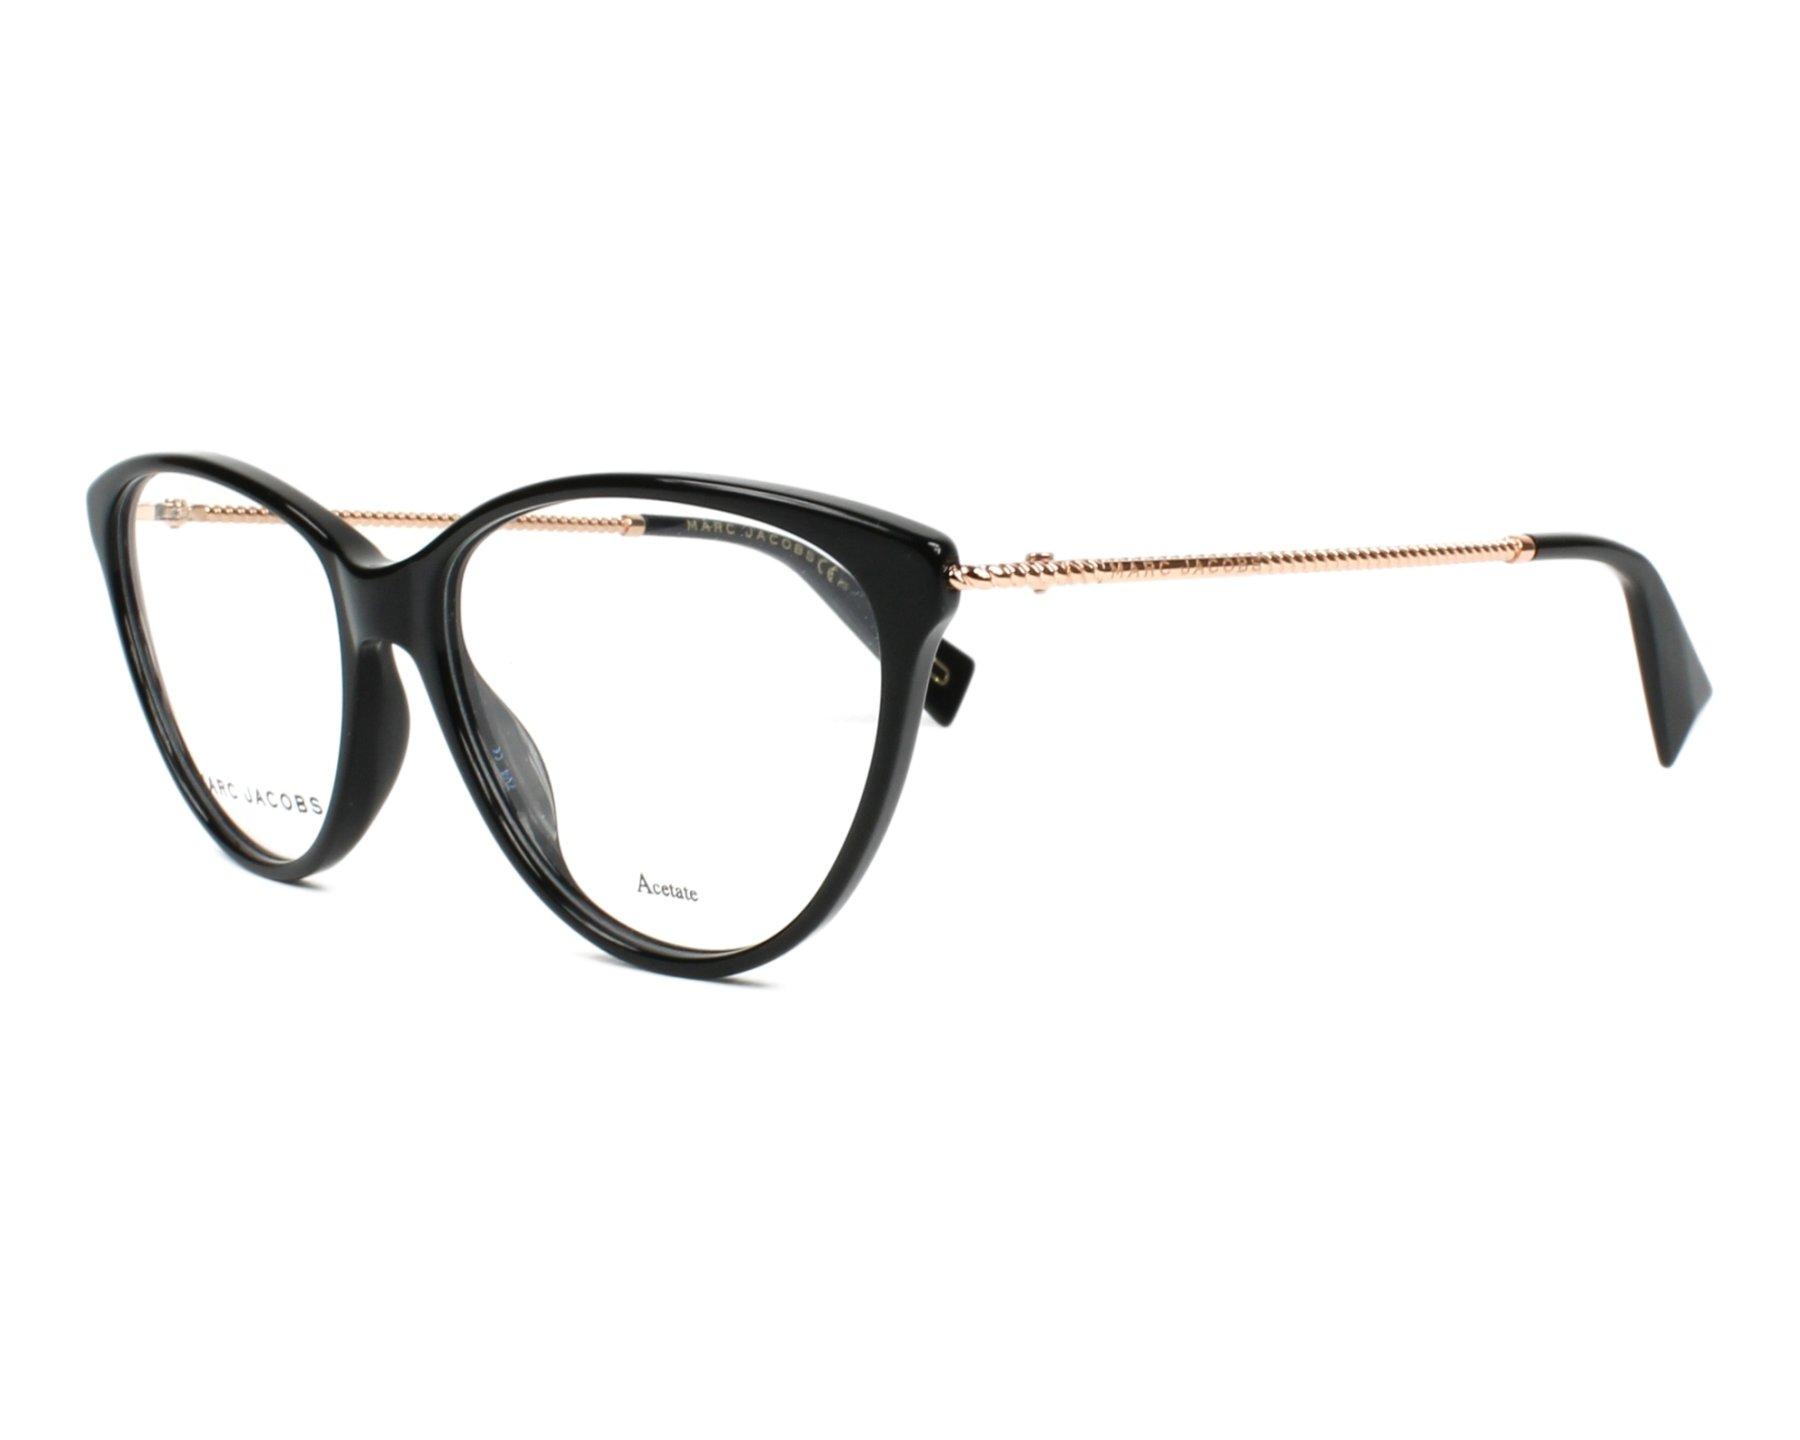 a28183ee7f495 Lunettes de vue Marc Jacobs MARC-259 807 54-16 Noir Cuivre doré vue